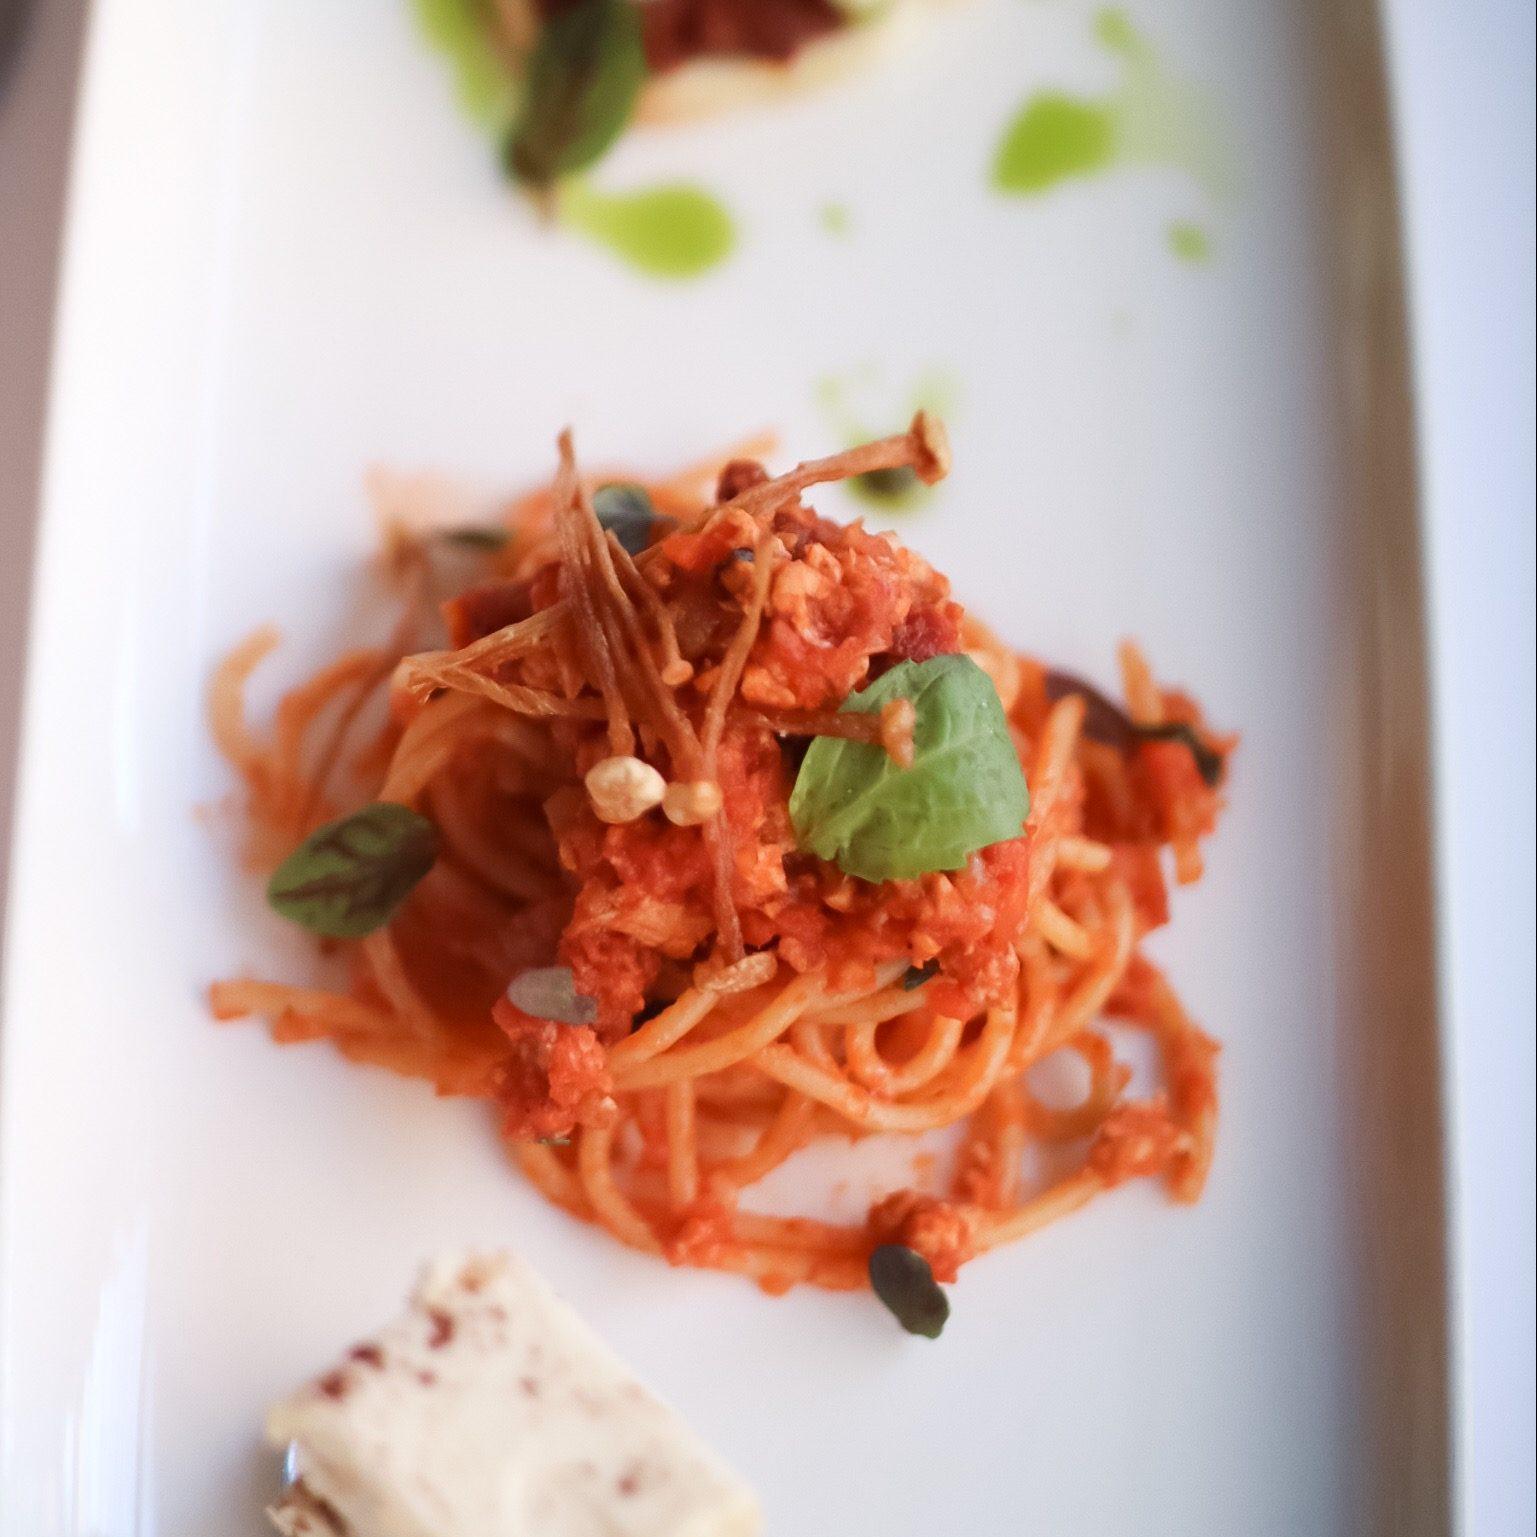 Tuna Spaghetti Bolognese